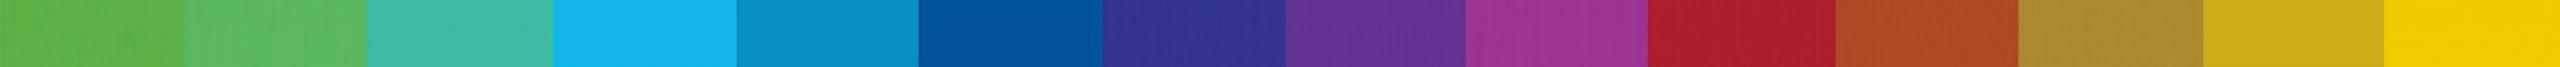 Qsource Colorbar